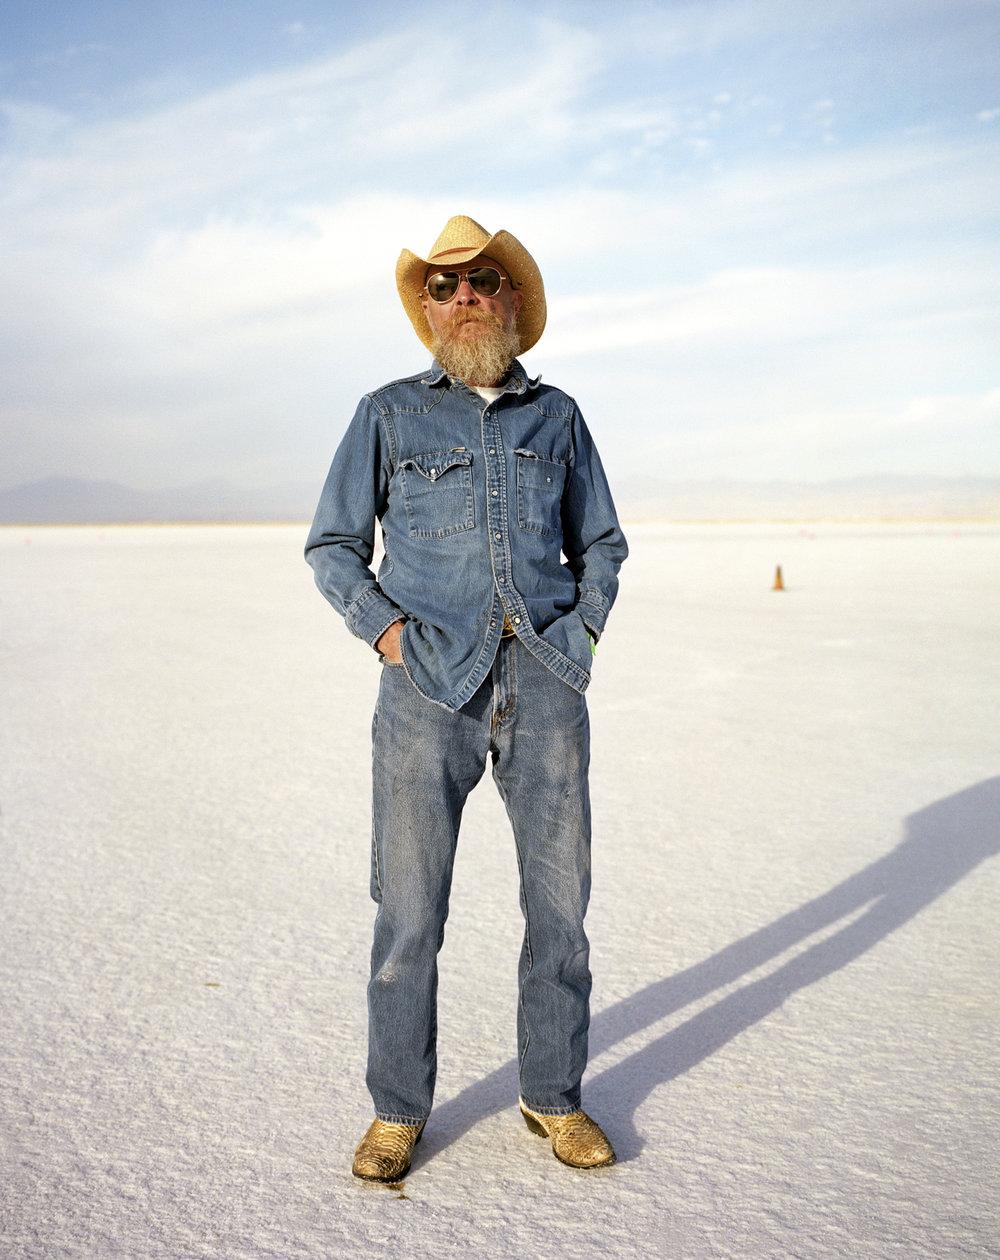 Zipper - Bonneville Salt Flats, Utah